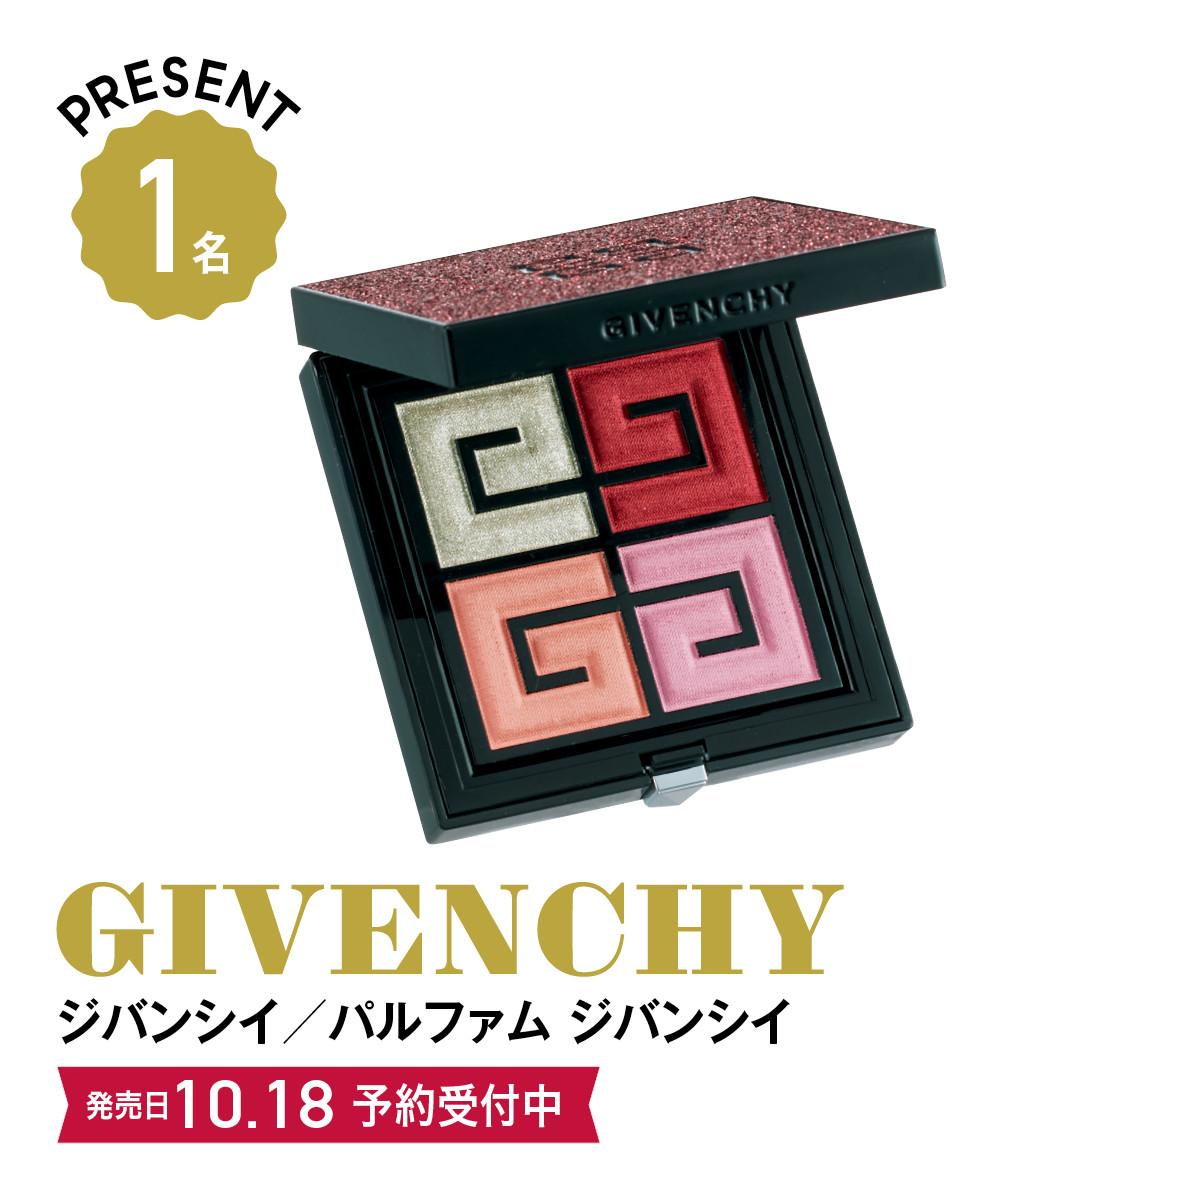 2019クリスマスコフレ&限定品:GIVENCHY/ジバンシイ